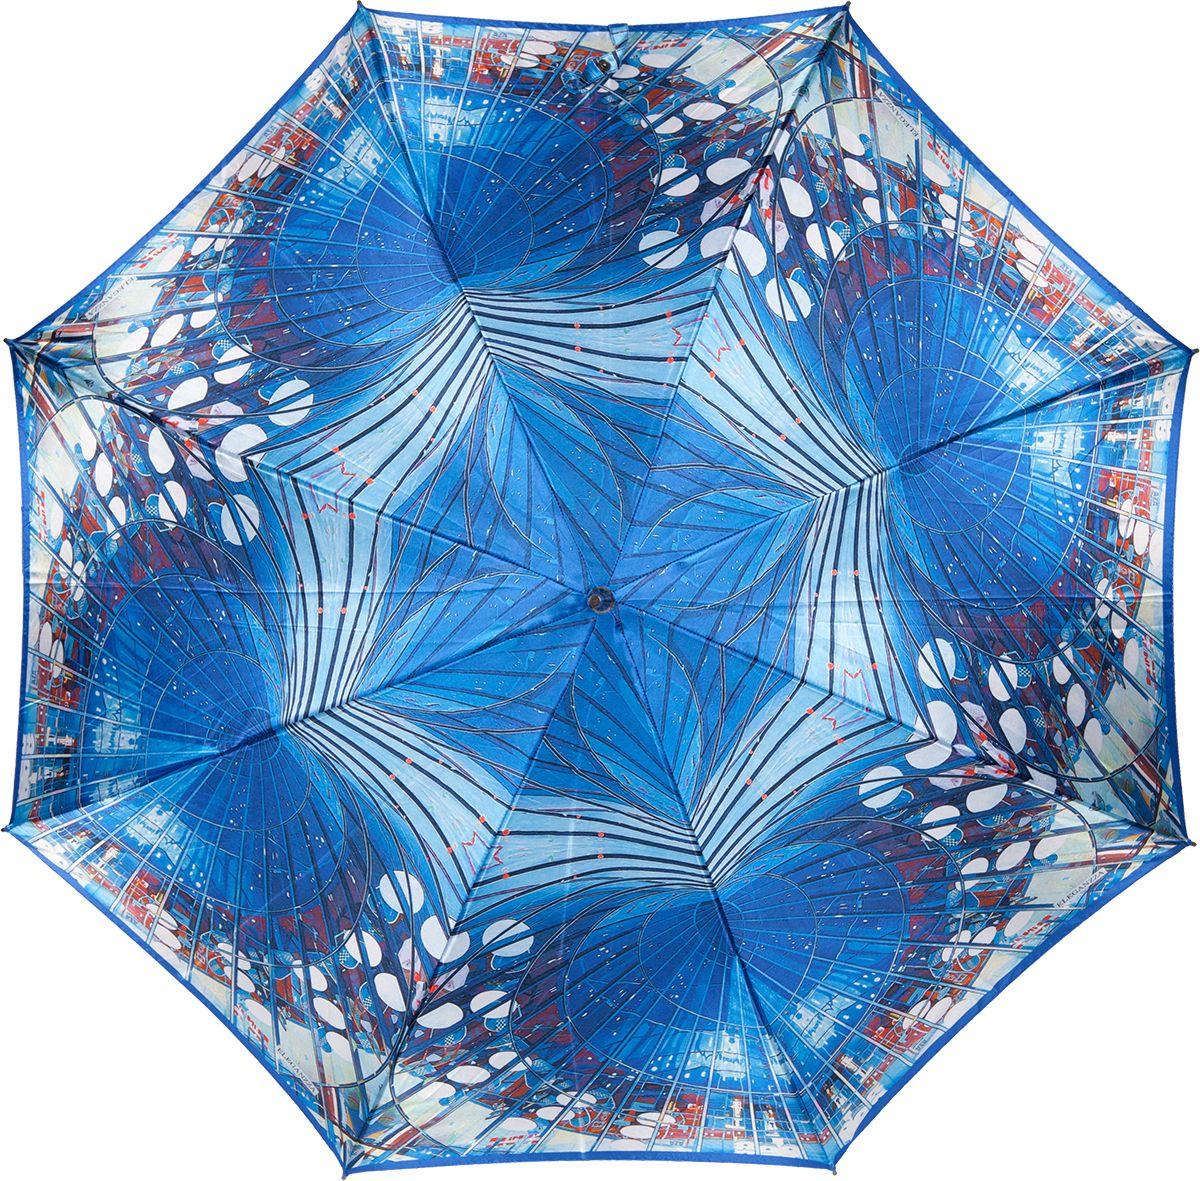 Зонт-трость женский Eleganzza, цвет: синий. T-06-0327T-06-0327Женский зонт-трость торговой марки ELEGANZZA. Материал купола 100% полиэстер, сатин. Материал каркаса: сталь + фибергласс. Материал ручки: акрил. Длина изделия - 89 см. Диаметр купола - 105 см.